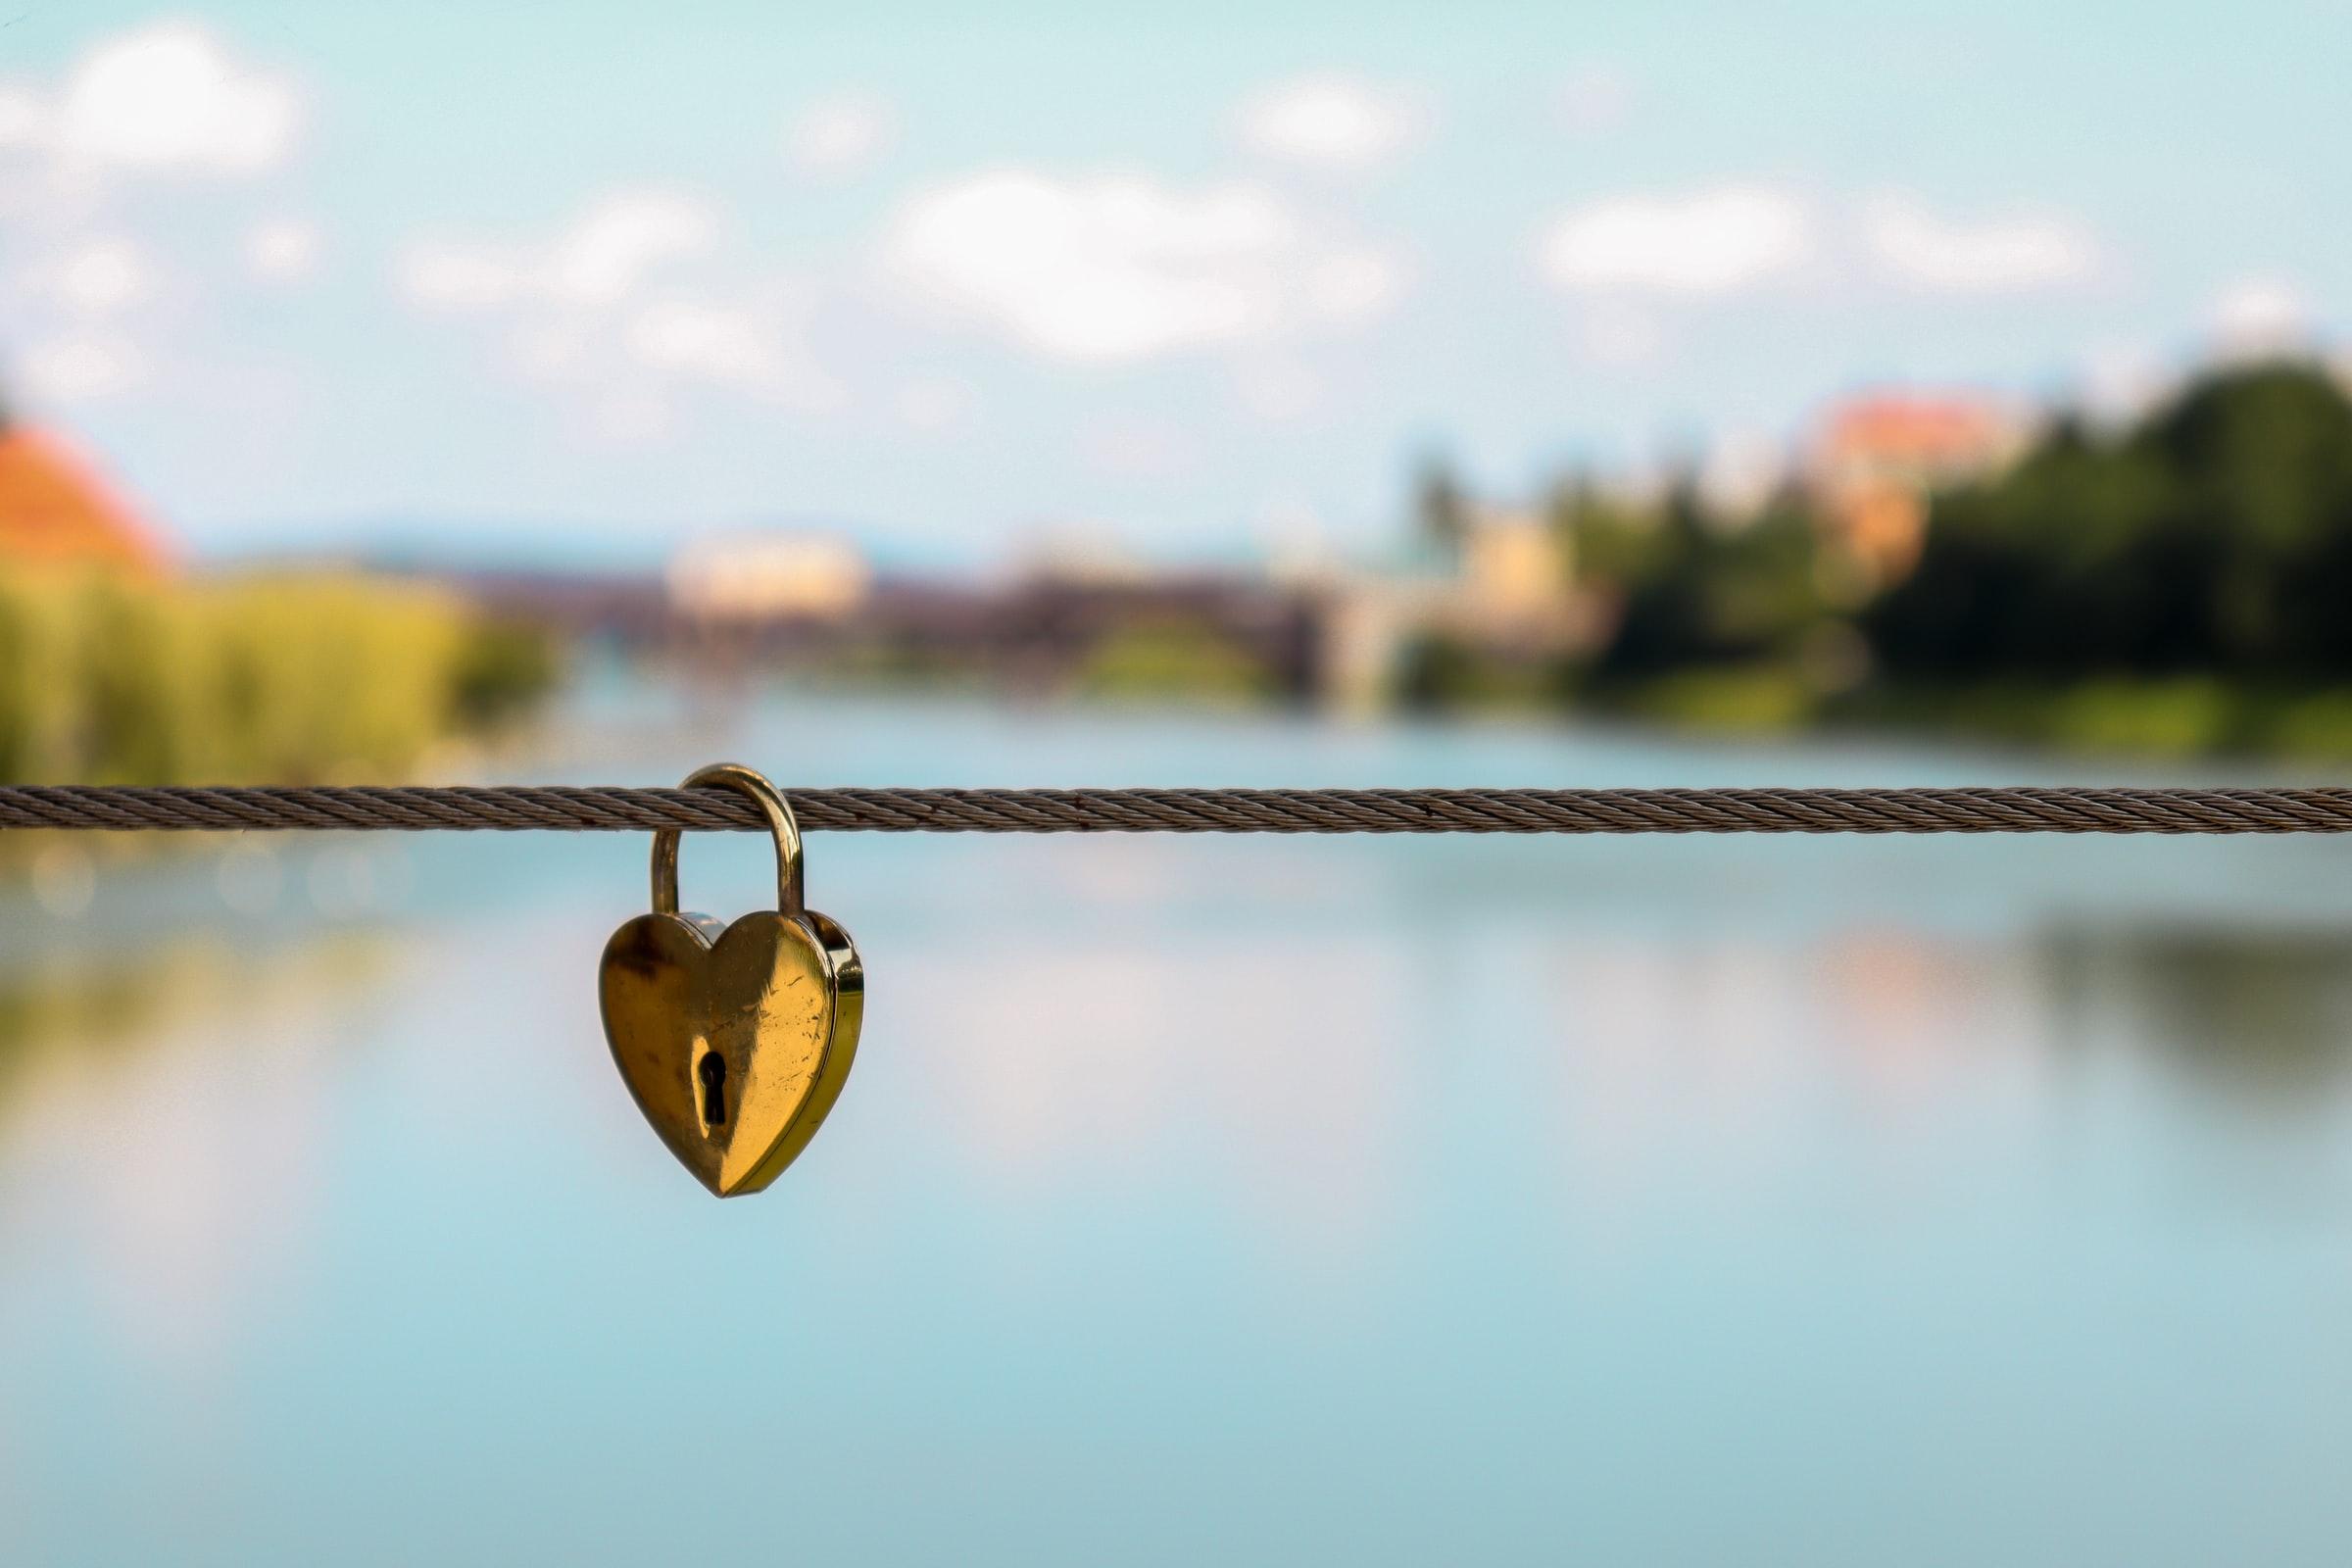 hjärtformat lås hänger på snöre